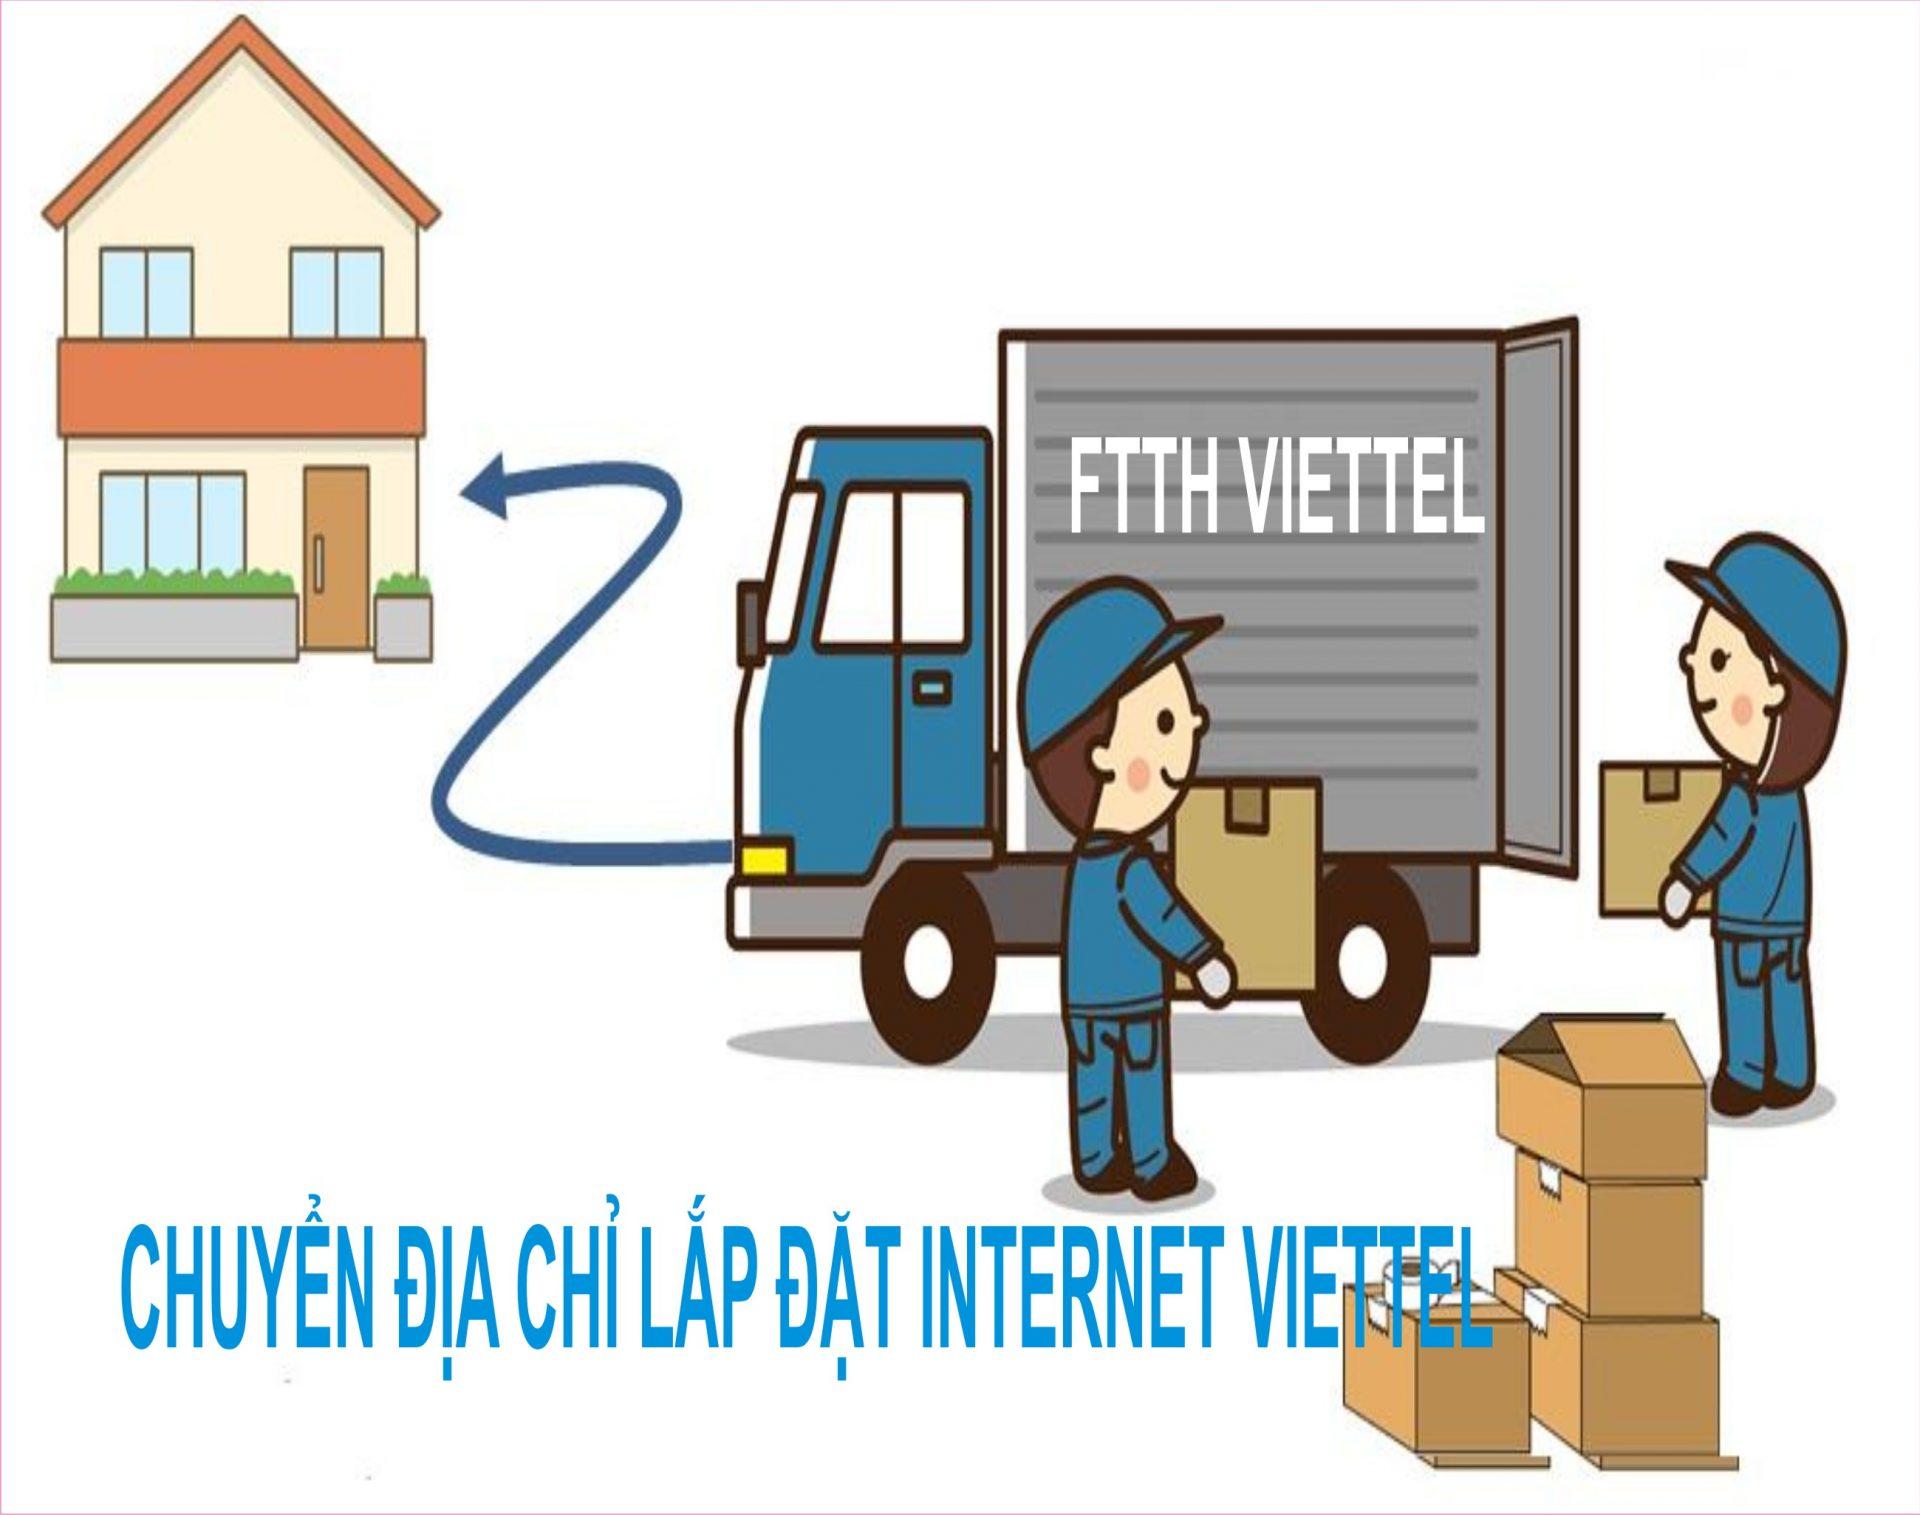 Chuyển địa điểm lắp mạng internet viettel có mất phí hay không?